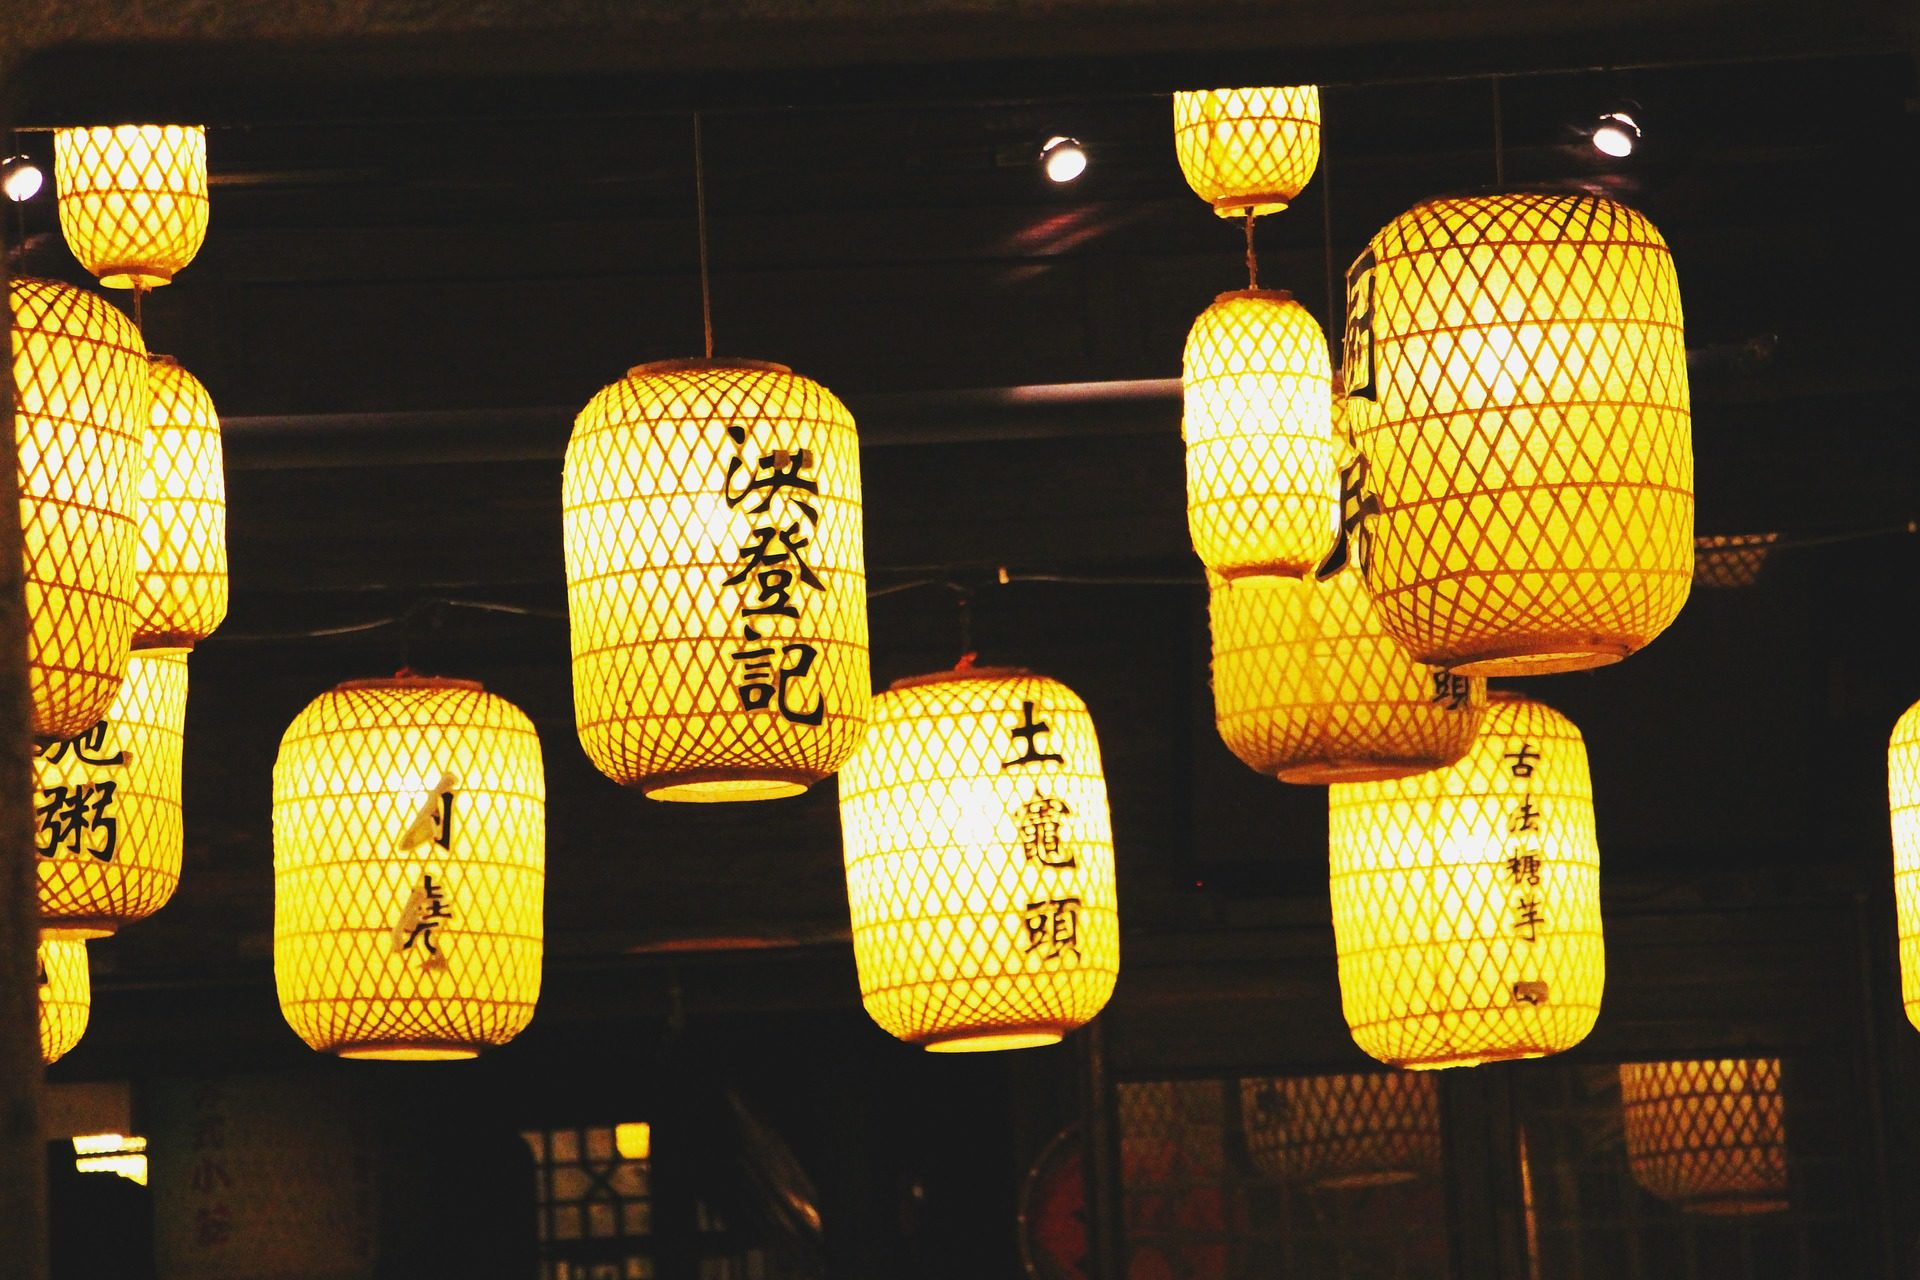 luces, lámparas, farolillos, inscripciones, ancestros, costumbres - Fondos de Pantalla HD - professor-falken.com